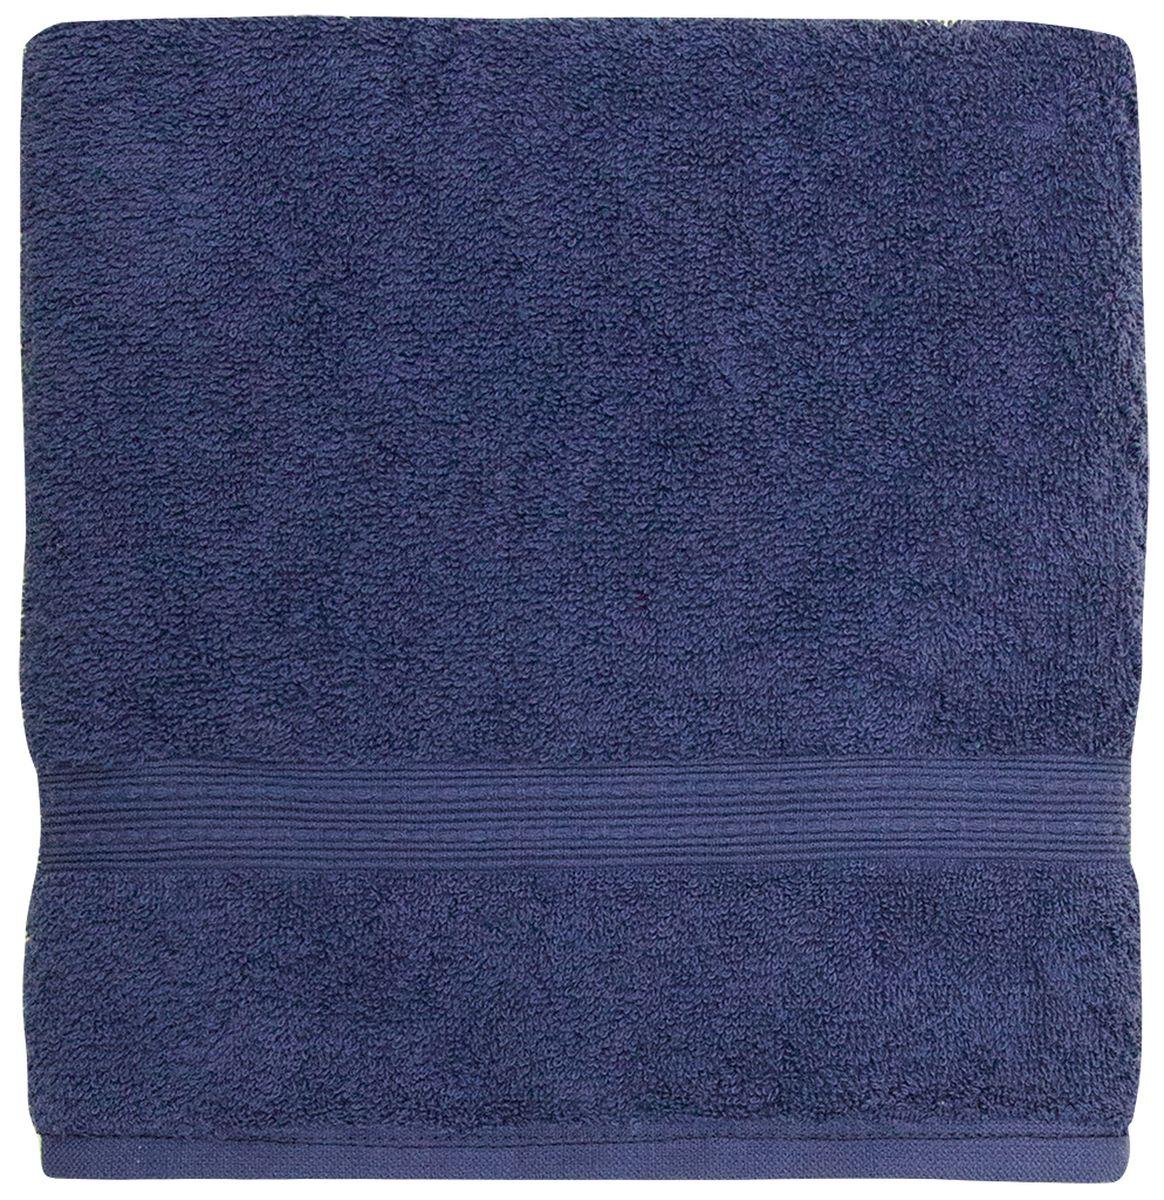 Полотенце банное Bonita Classic, цвет: сапфир, 70 х 140 см68/5/4Банное полотенце Bonita Classic выполнено из 100% хлопка. Изделие отлично впитывает влагу, быстро сохнет, сохраняет яркость цвета и не теряет форму даже после многократных стирок. Такое полотенце очень практично и неприхотливо в уходе. Оно создаст прекрасное настроение и украсит интерьер в ванной комнате.